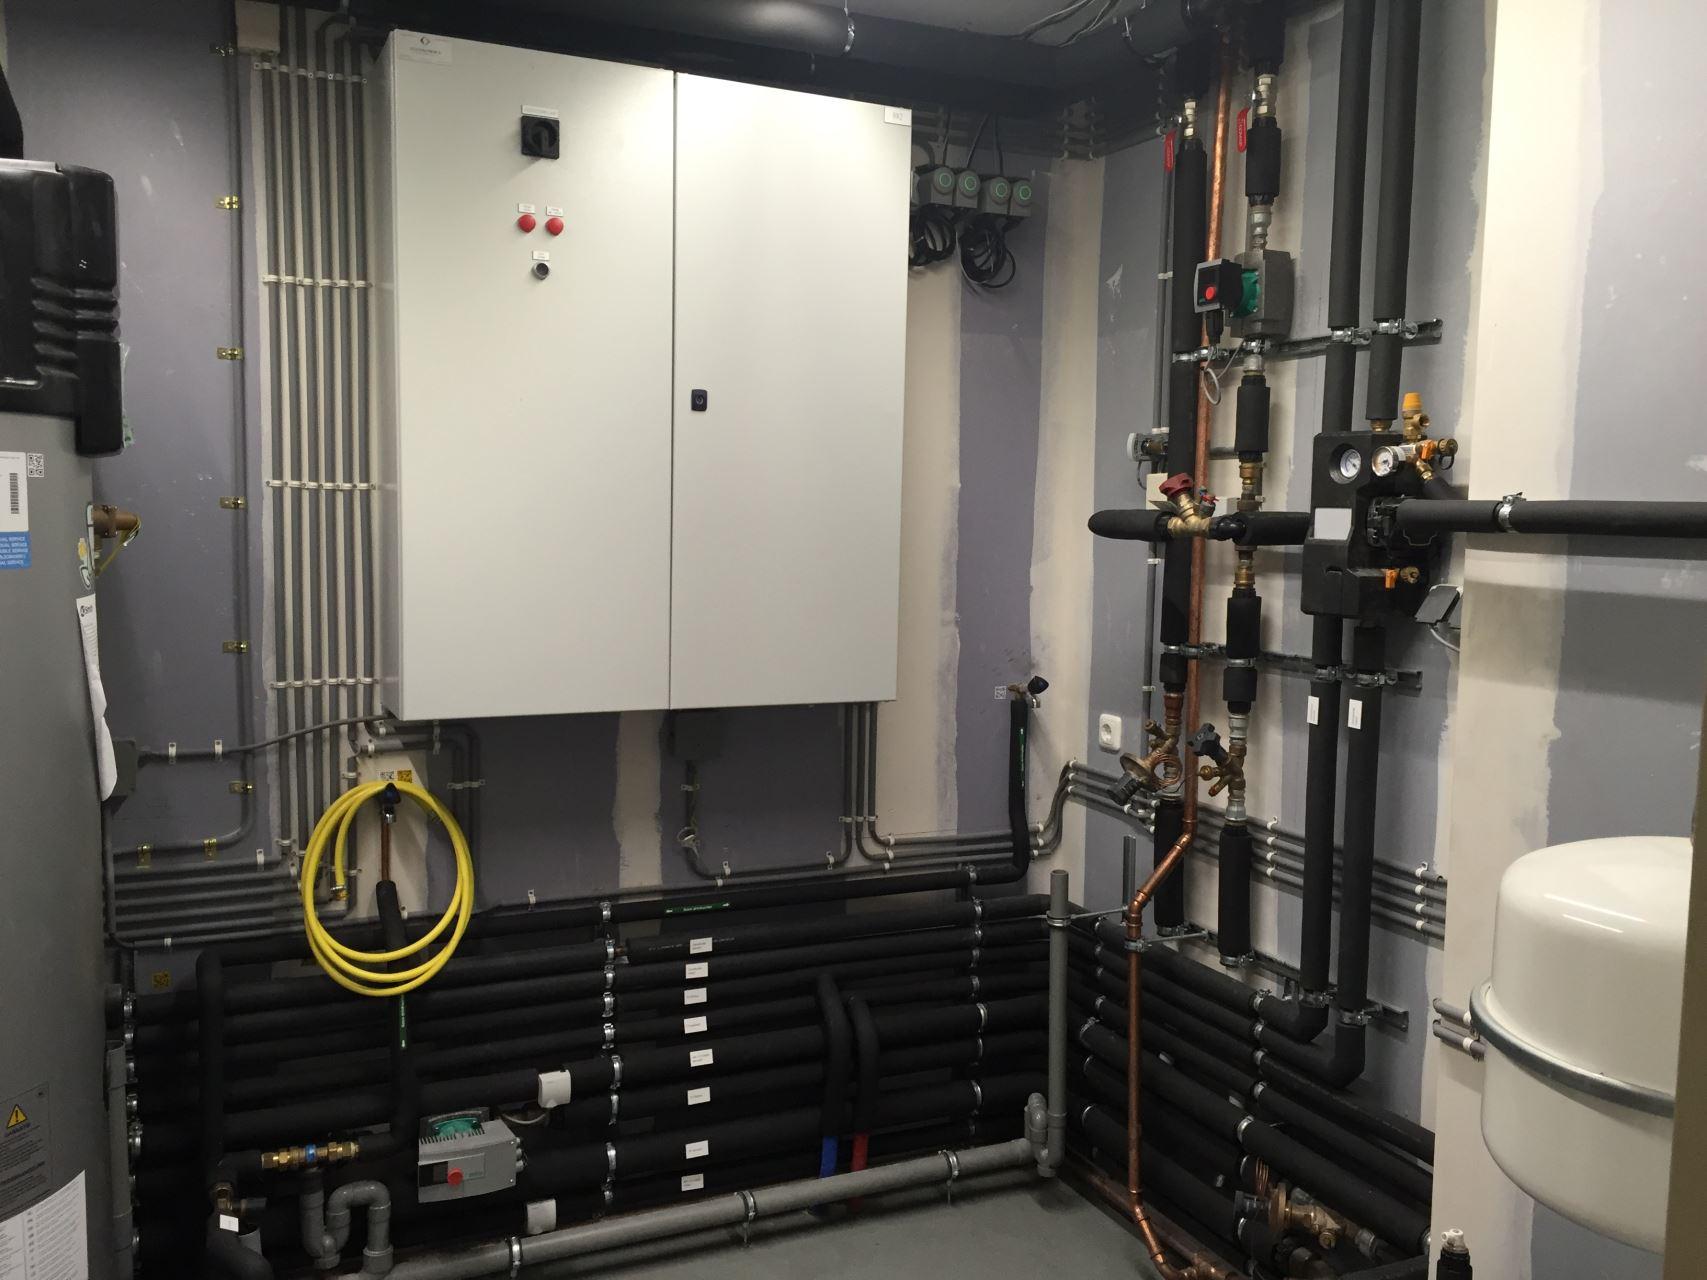 Installatiebedrijf Vehof%2C Leger des Heils%2C technische ruimte%2C Brakmanstraat 01